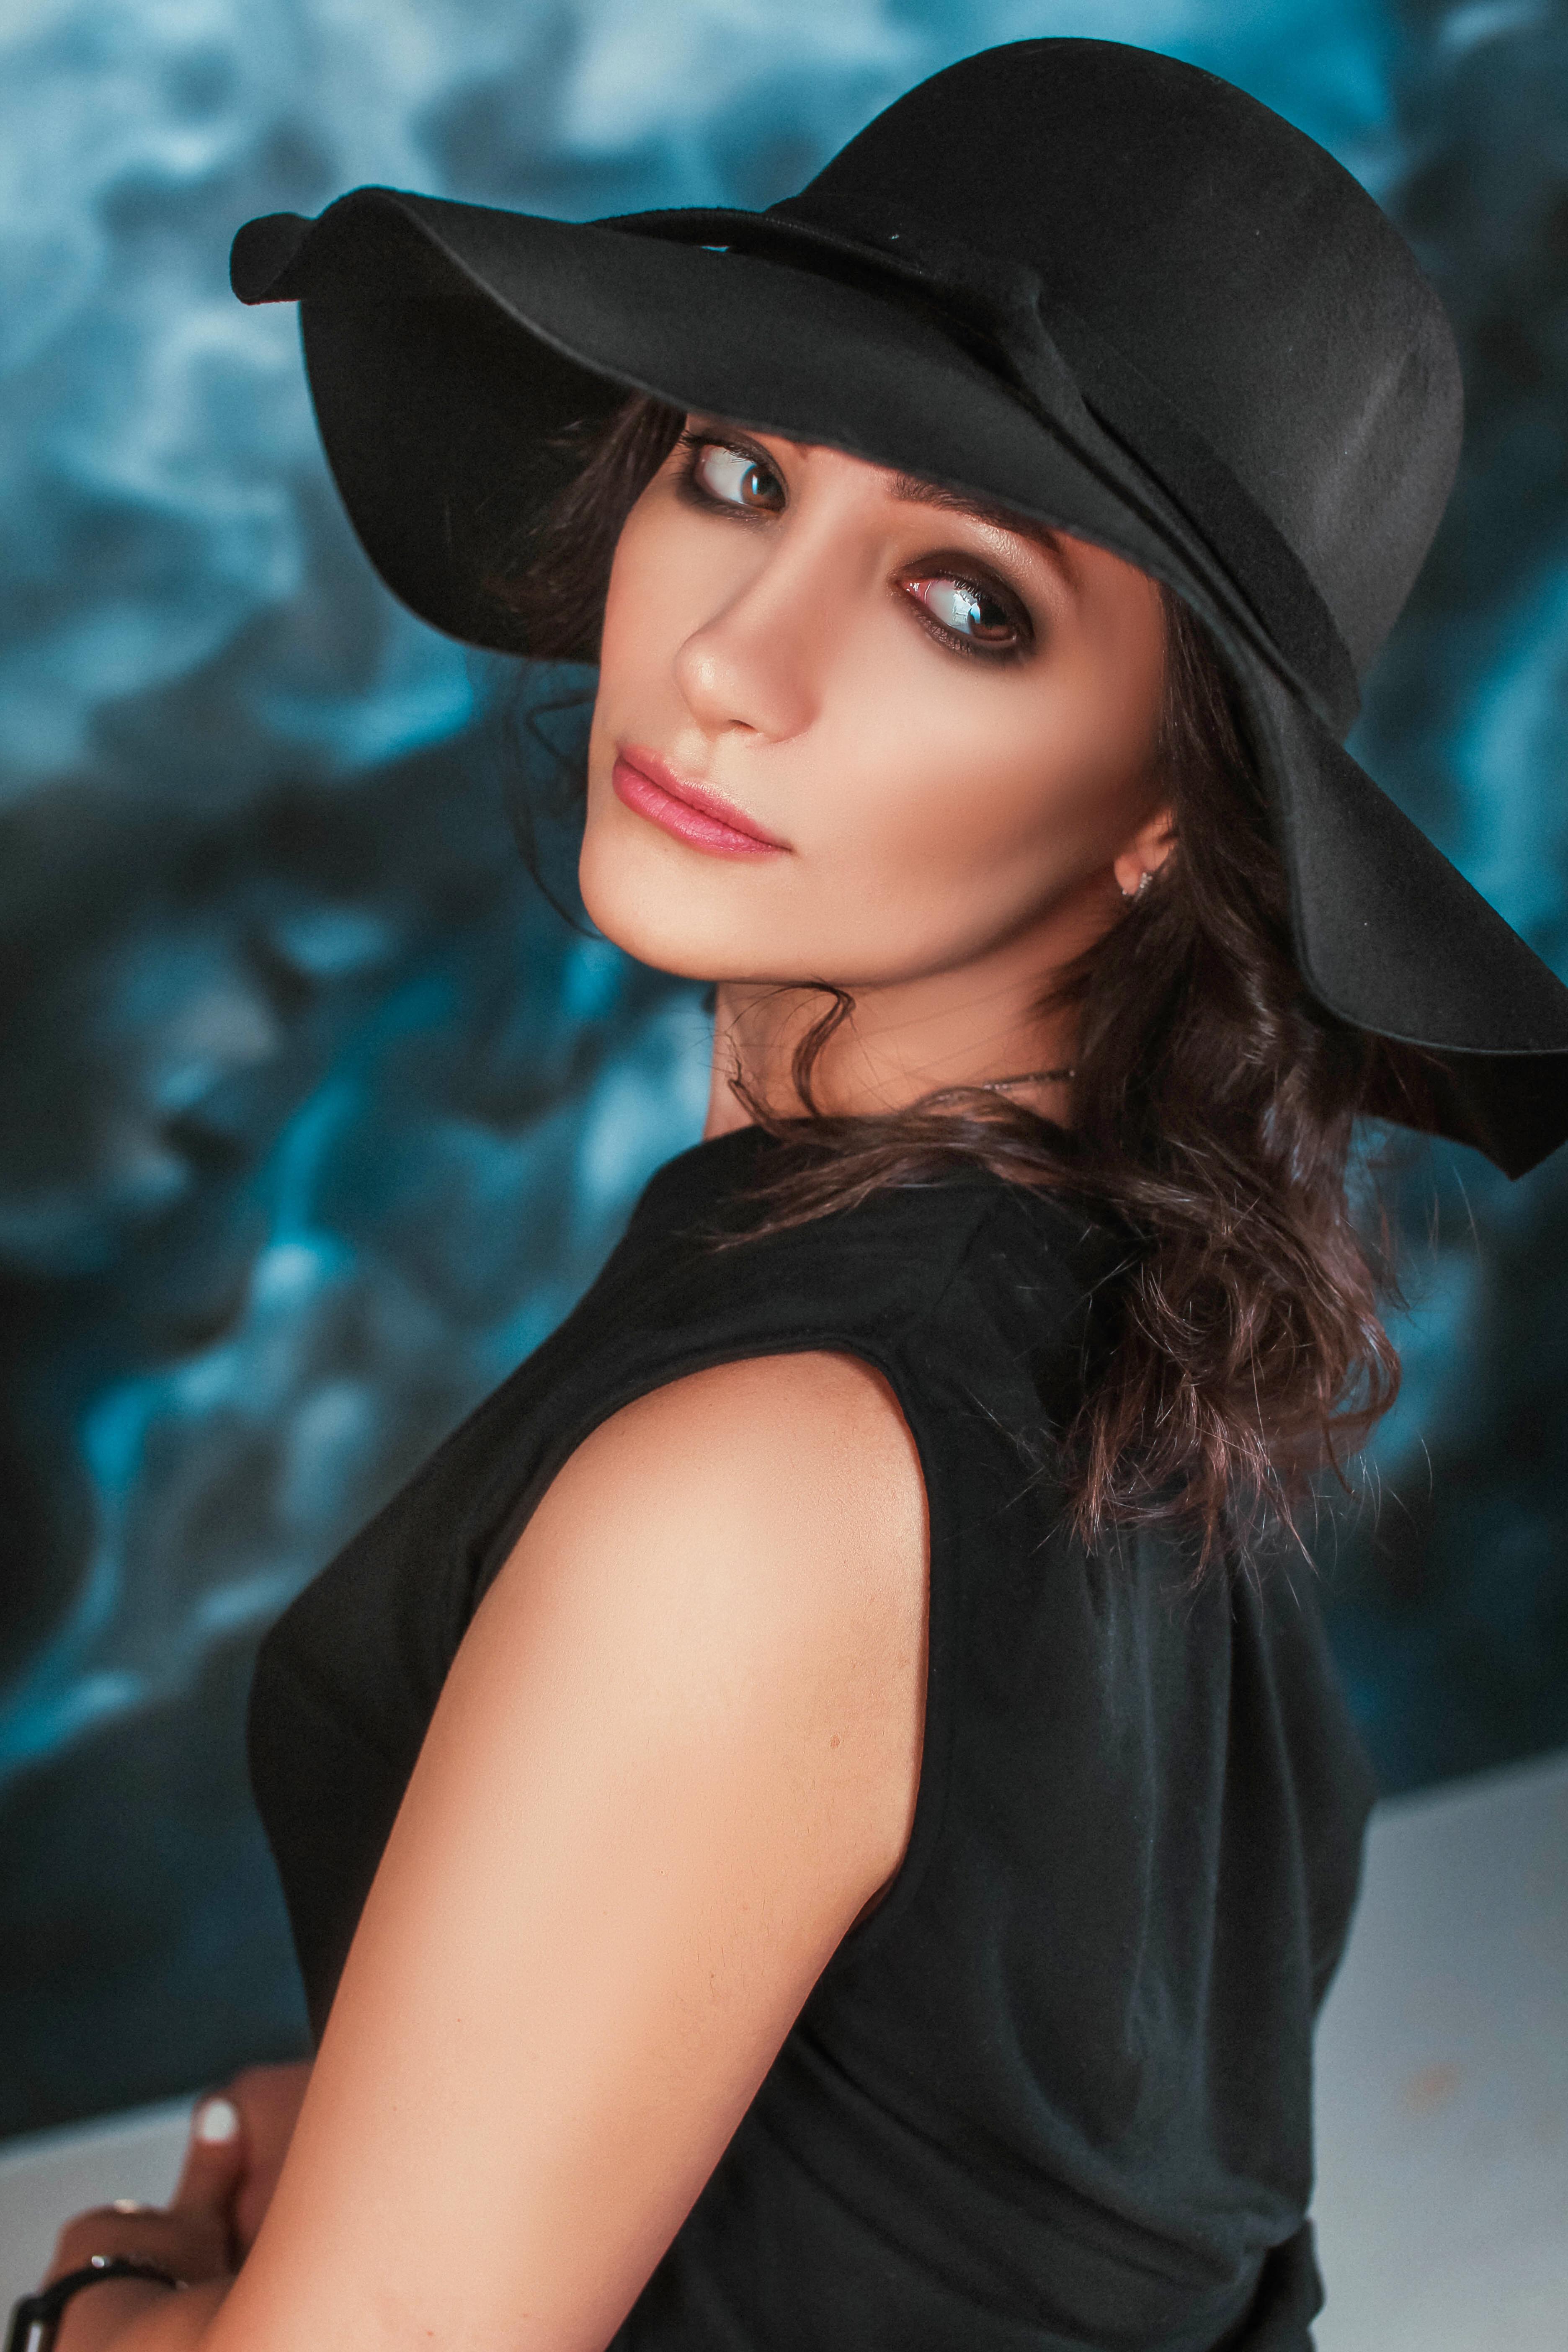 портрет девушки в шляпе